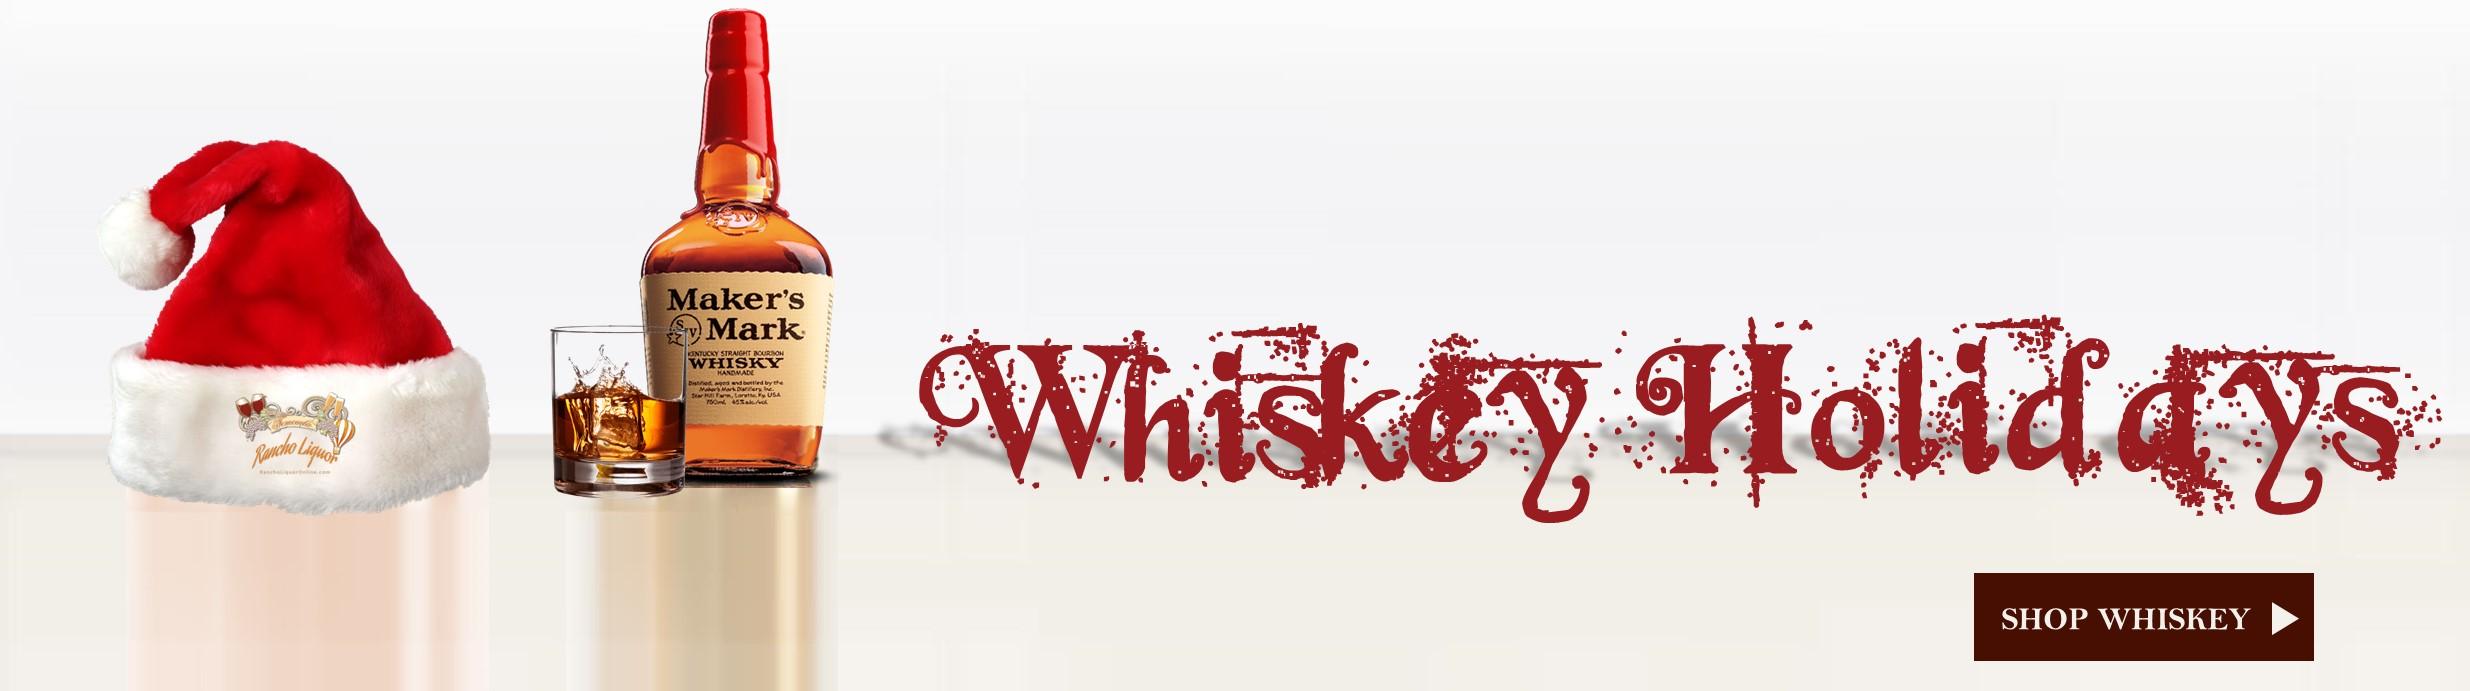 Santa Likes Whiskey and Cookies